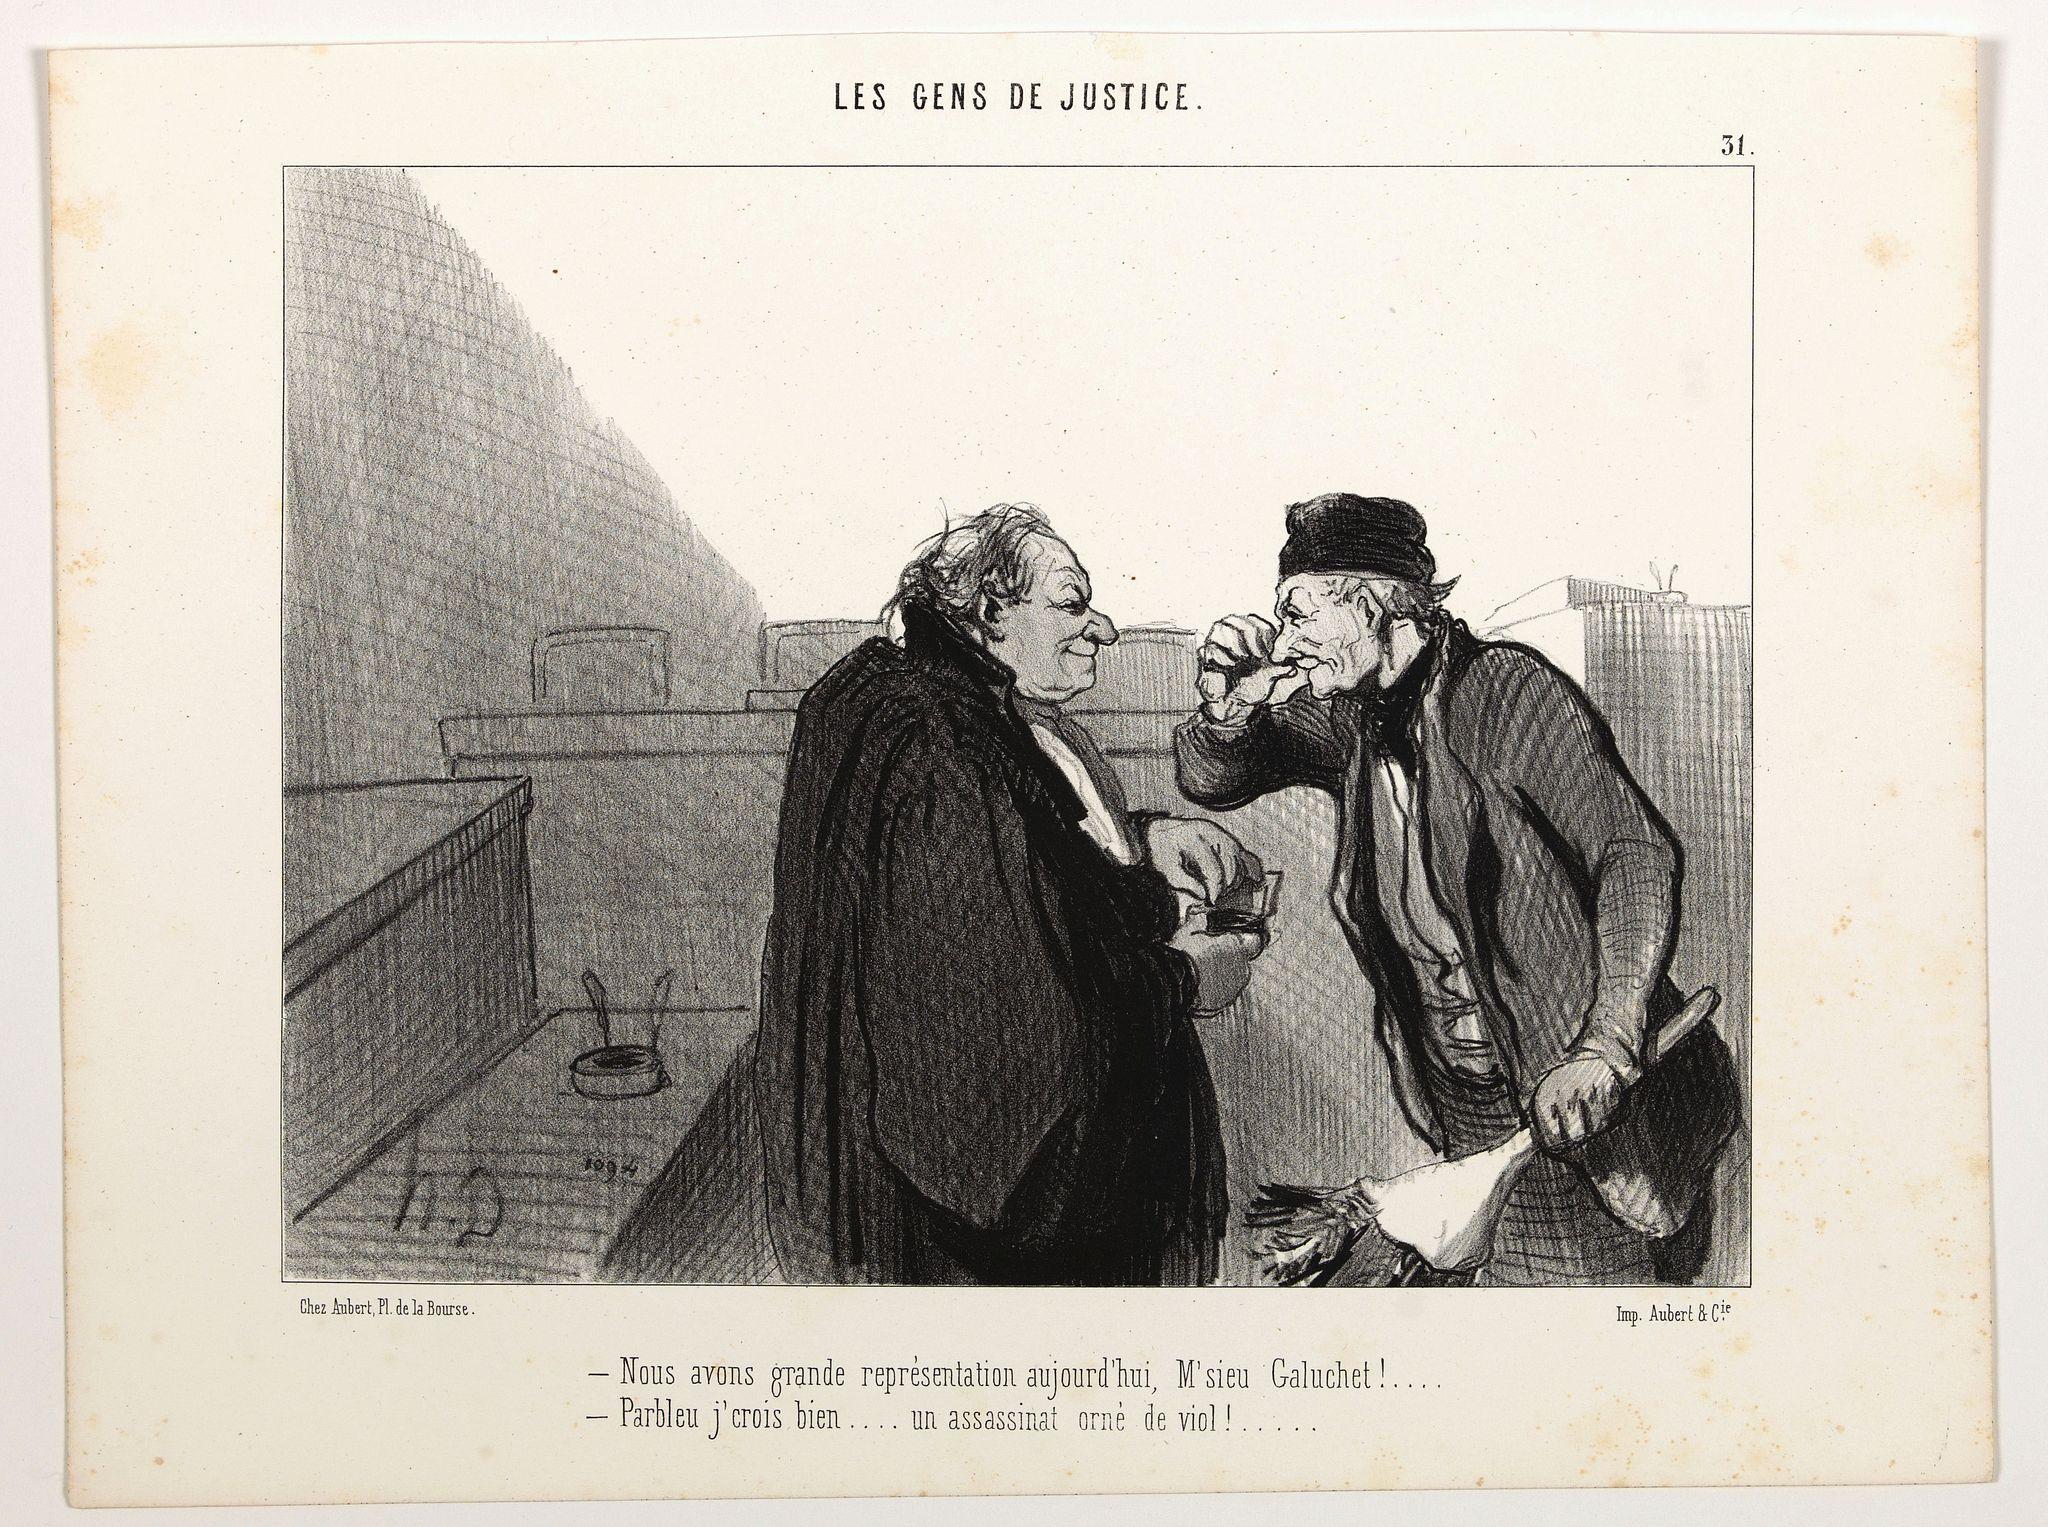 DAUMIER, H. -  Les Gens de Justice. - Nous avons grande représentation aujourd'hui, M'sieu Galuchet . . . (pl 31)